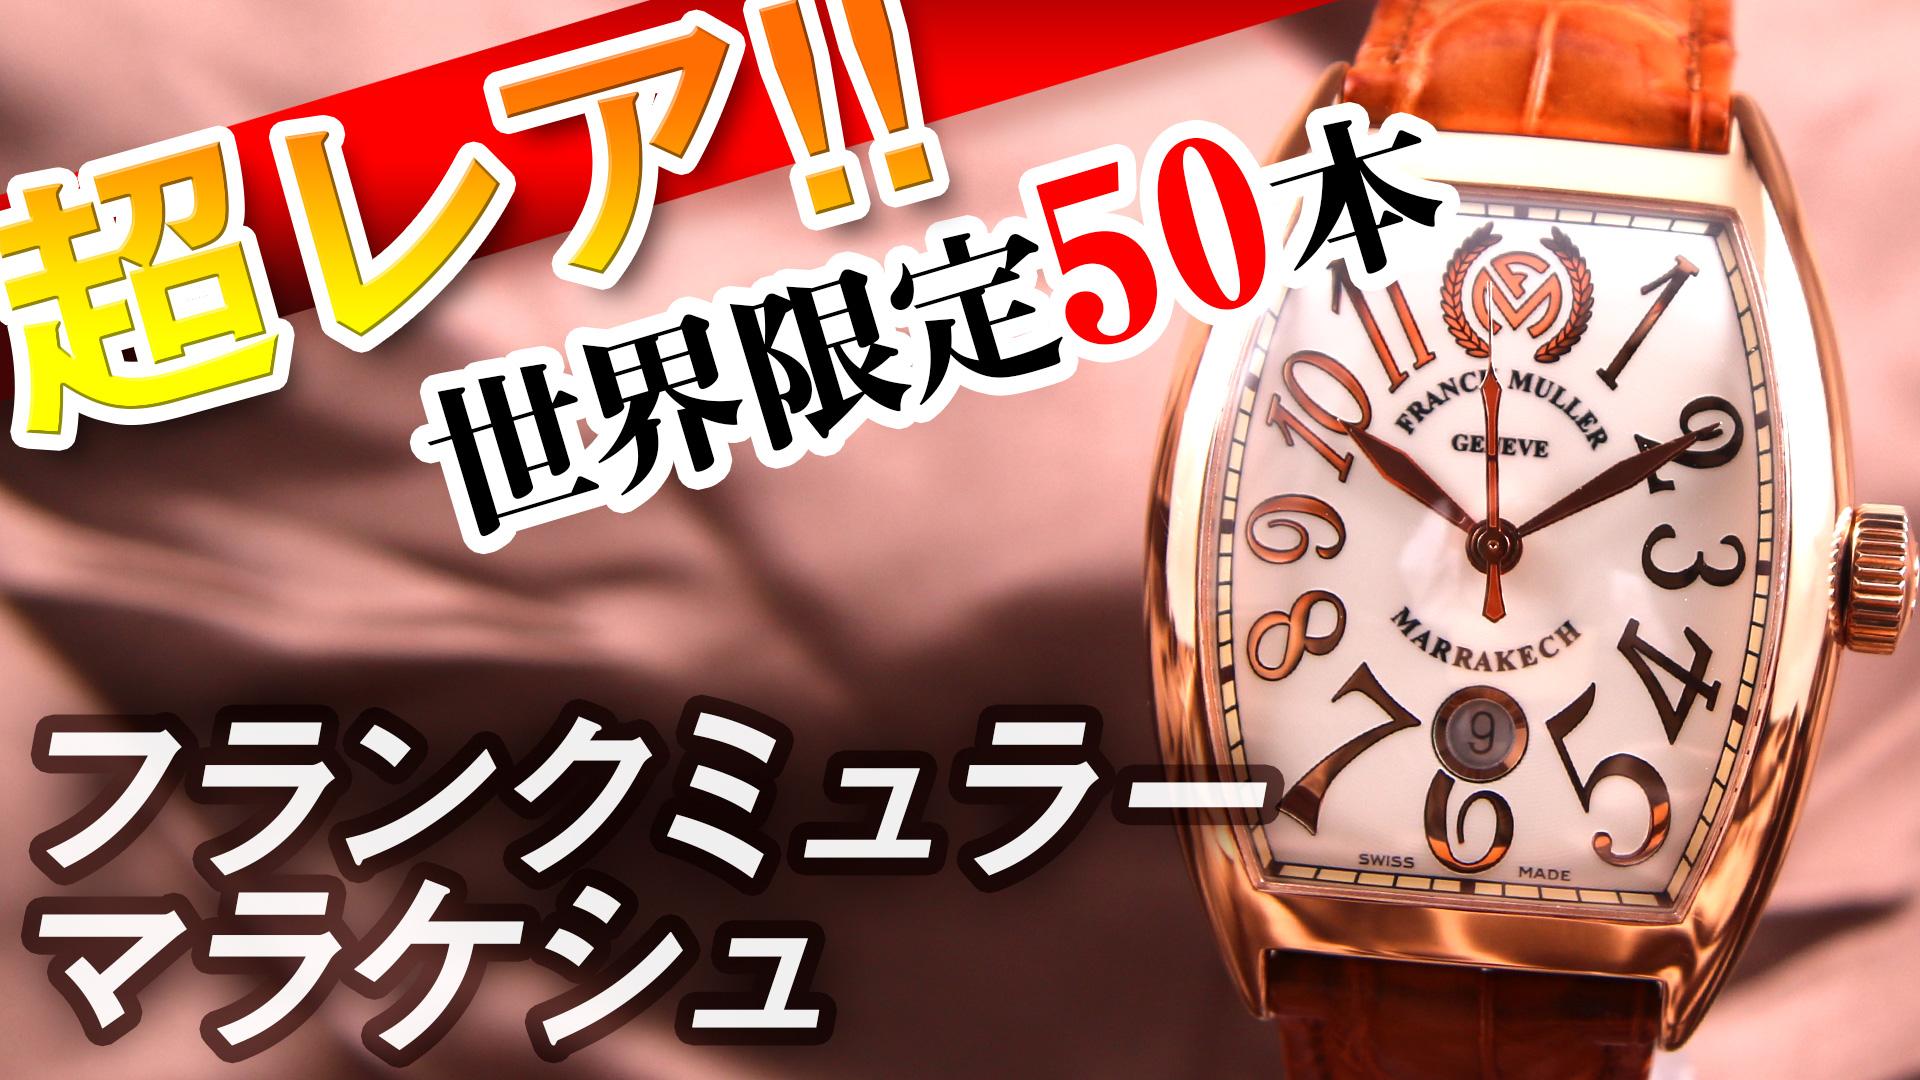 【モデル紹介8】フランクミュラー マラケシュ Ref.8880SCDT